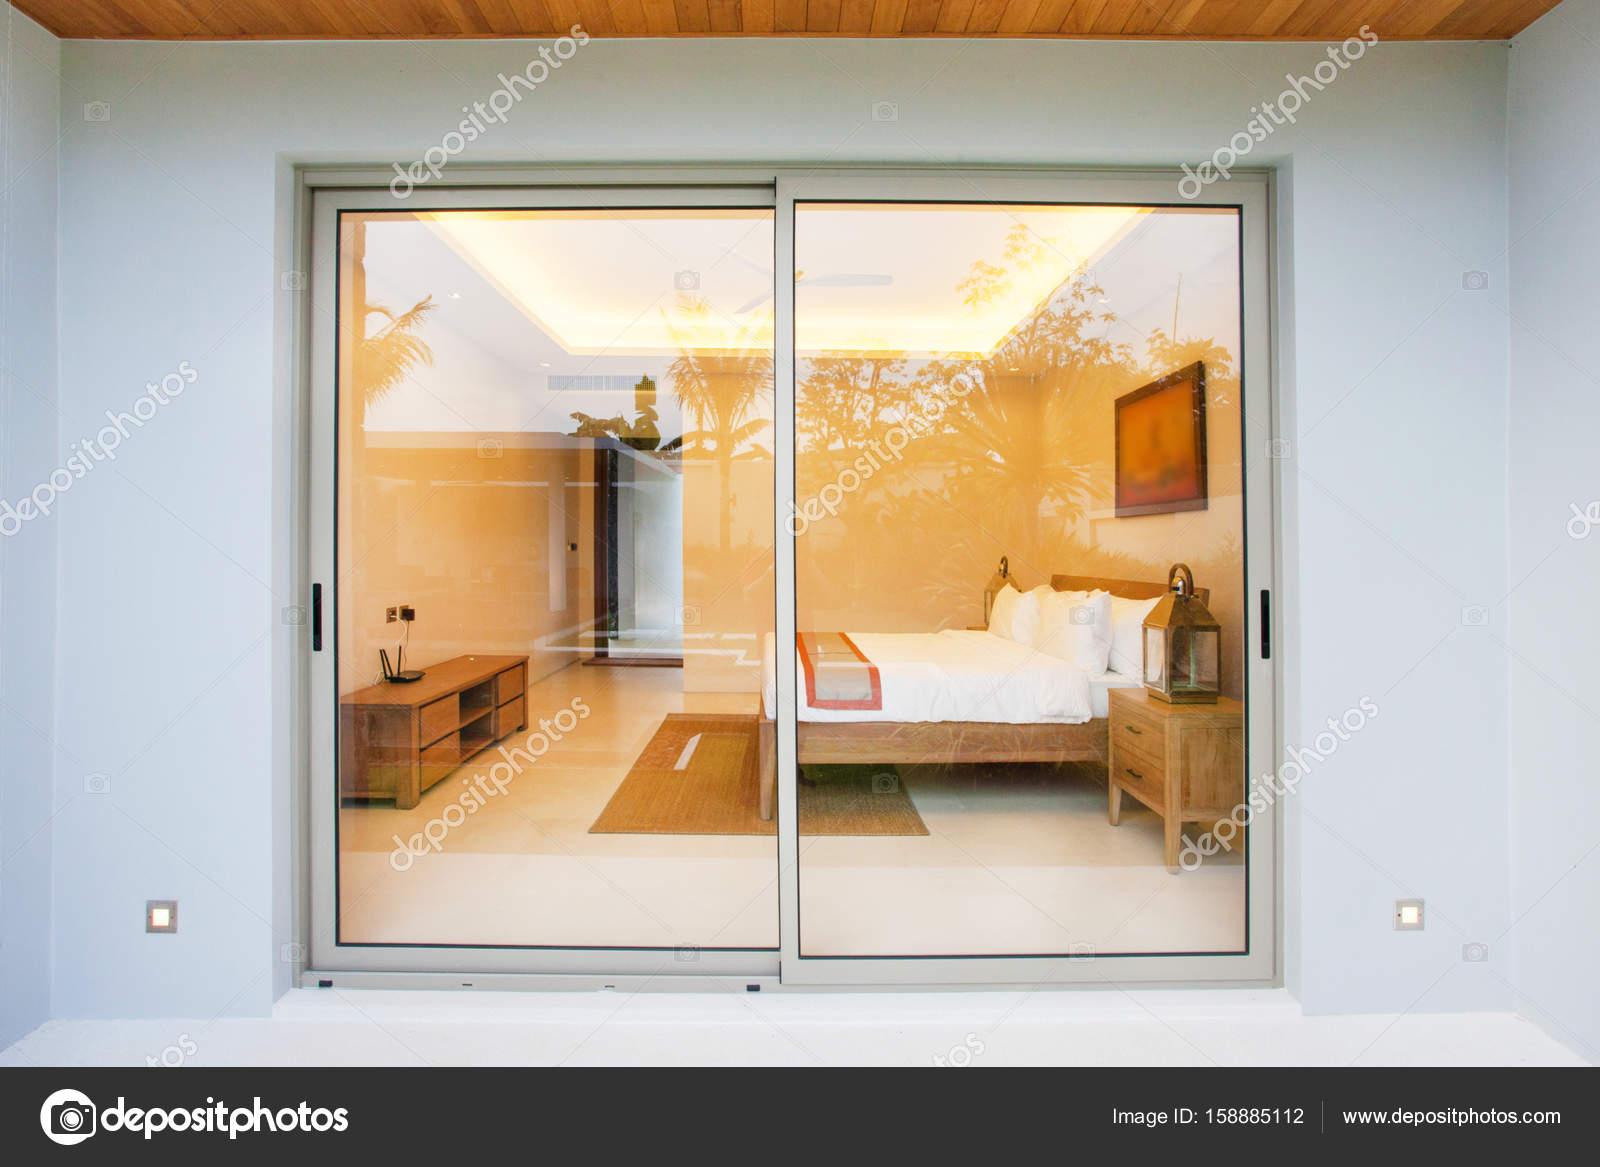 Letto luxury interior design in camera da letto della for Design della camera da letto